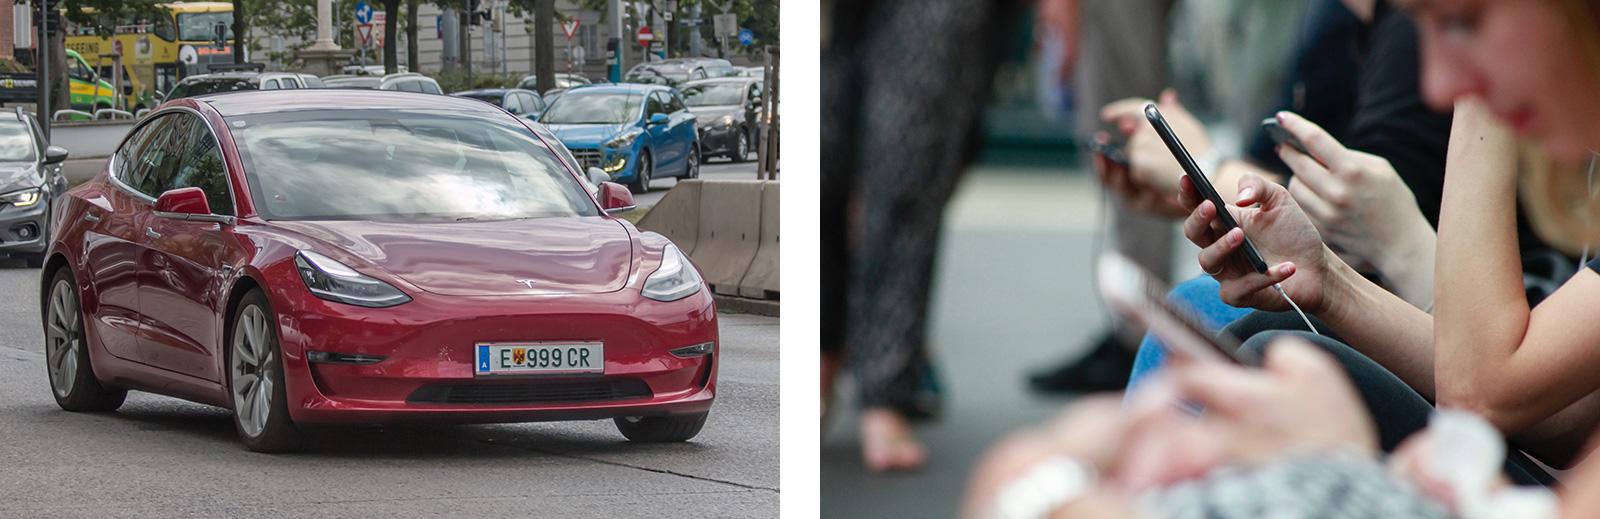 Mit Lithium-Ionen-Akkus betrieben: Tesla Modell 3, Mobiltelefone